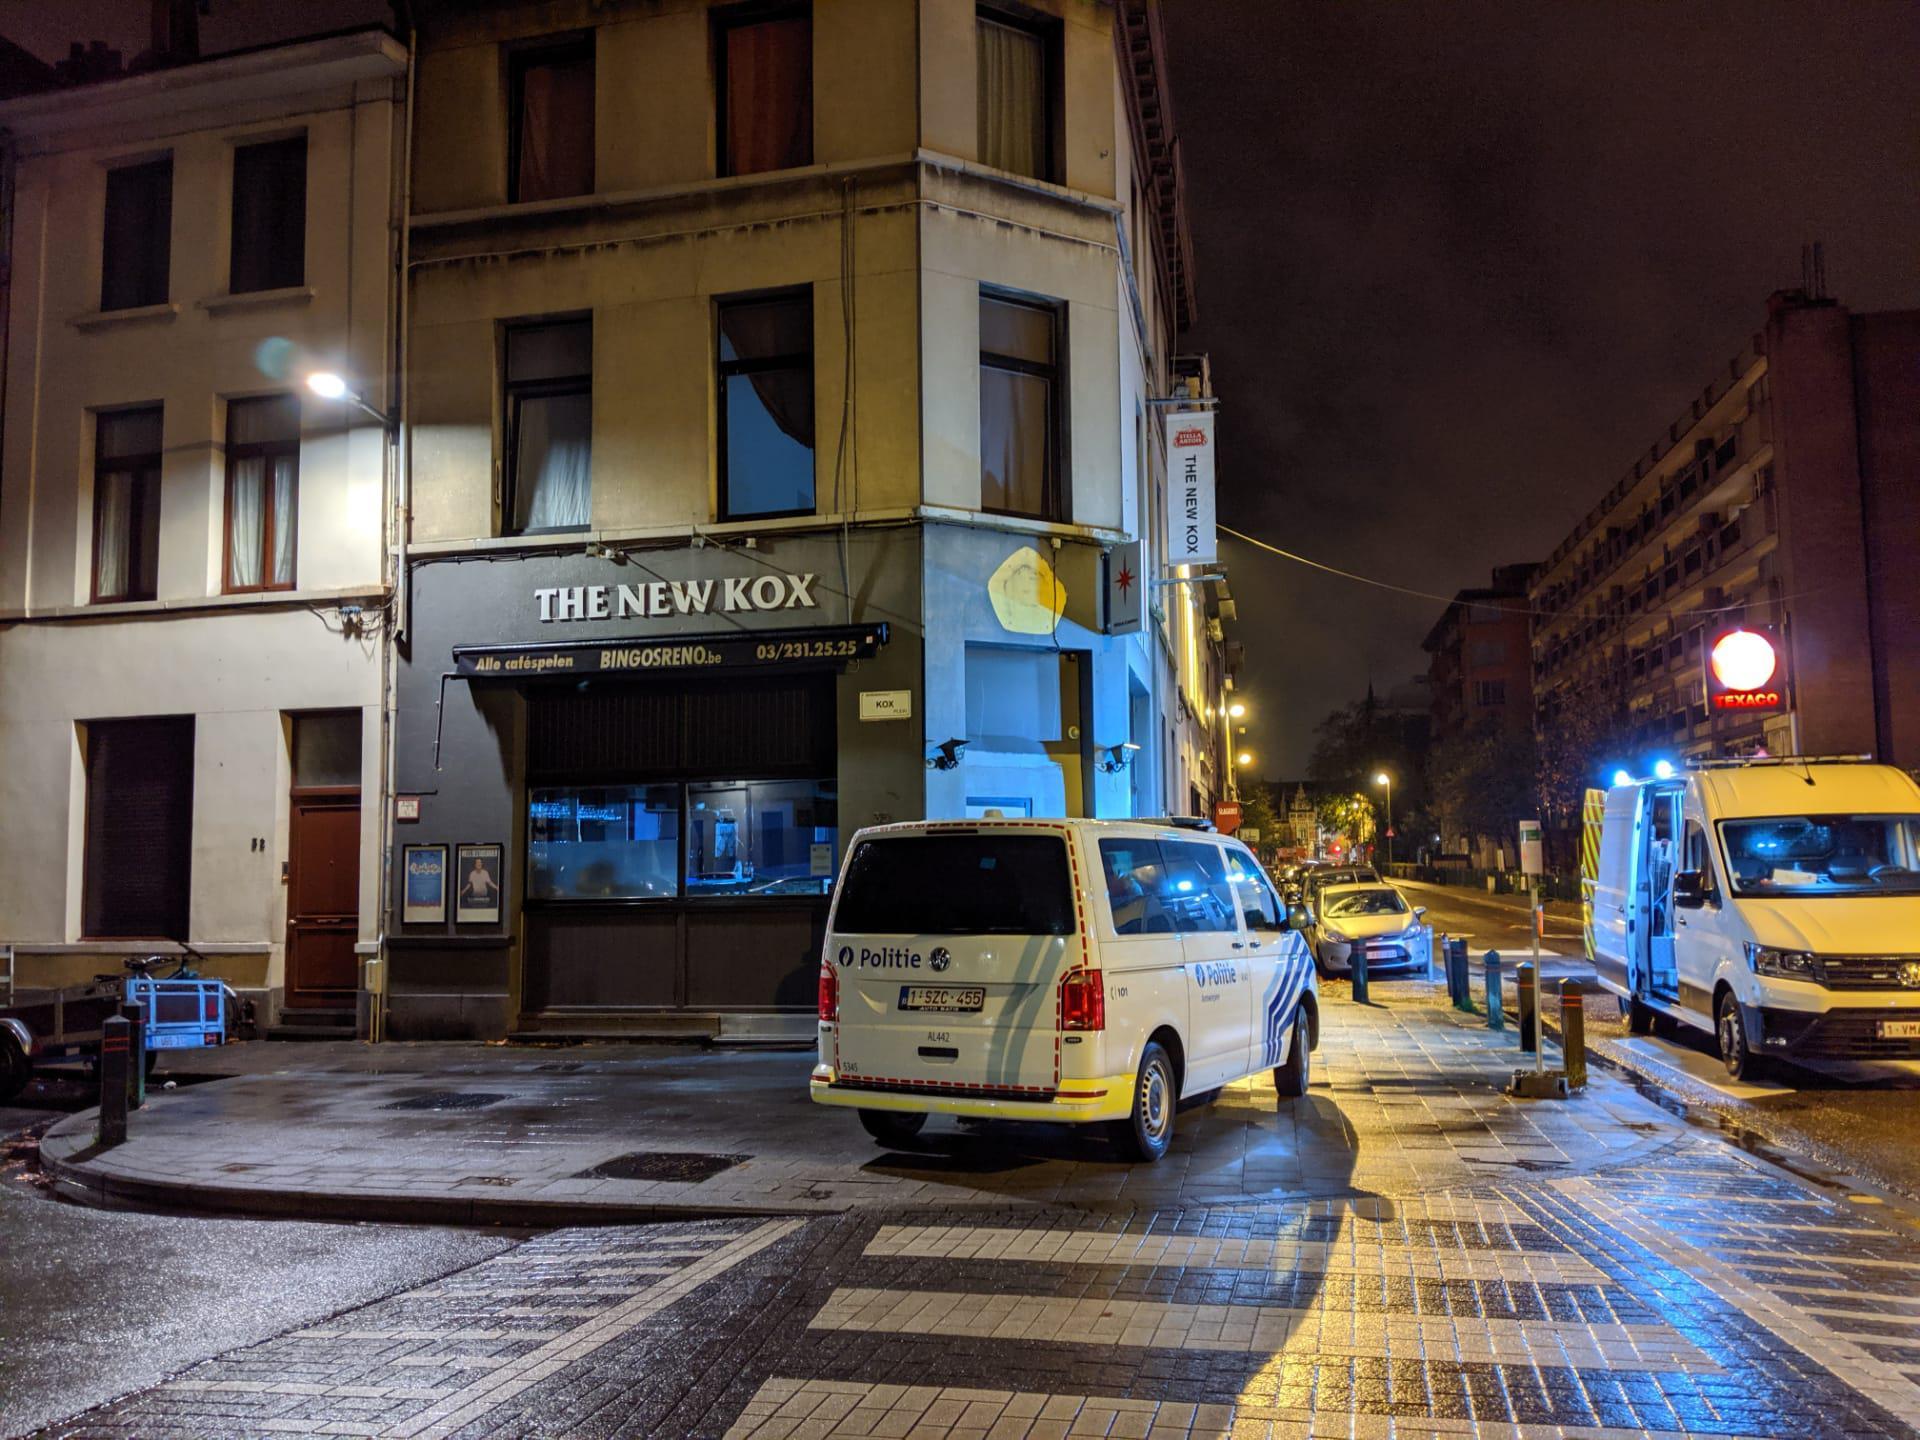 Café blijkt uitvalsbasis voor drugshandel en moet drie maanden dicht